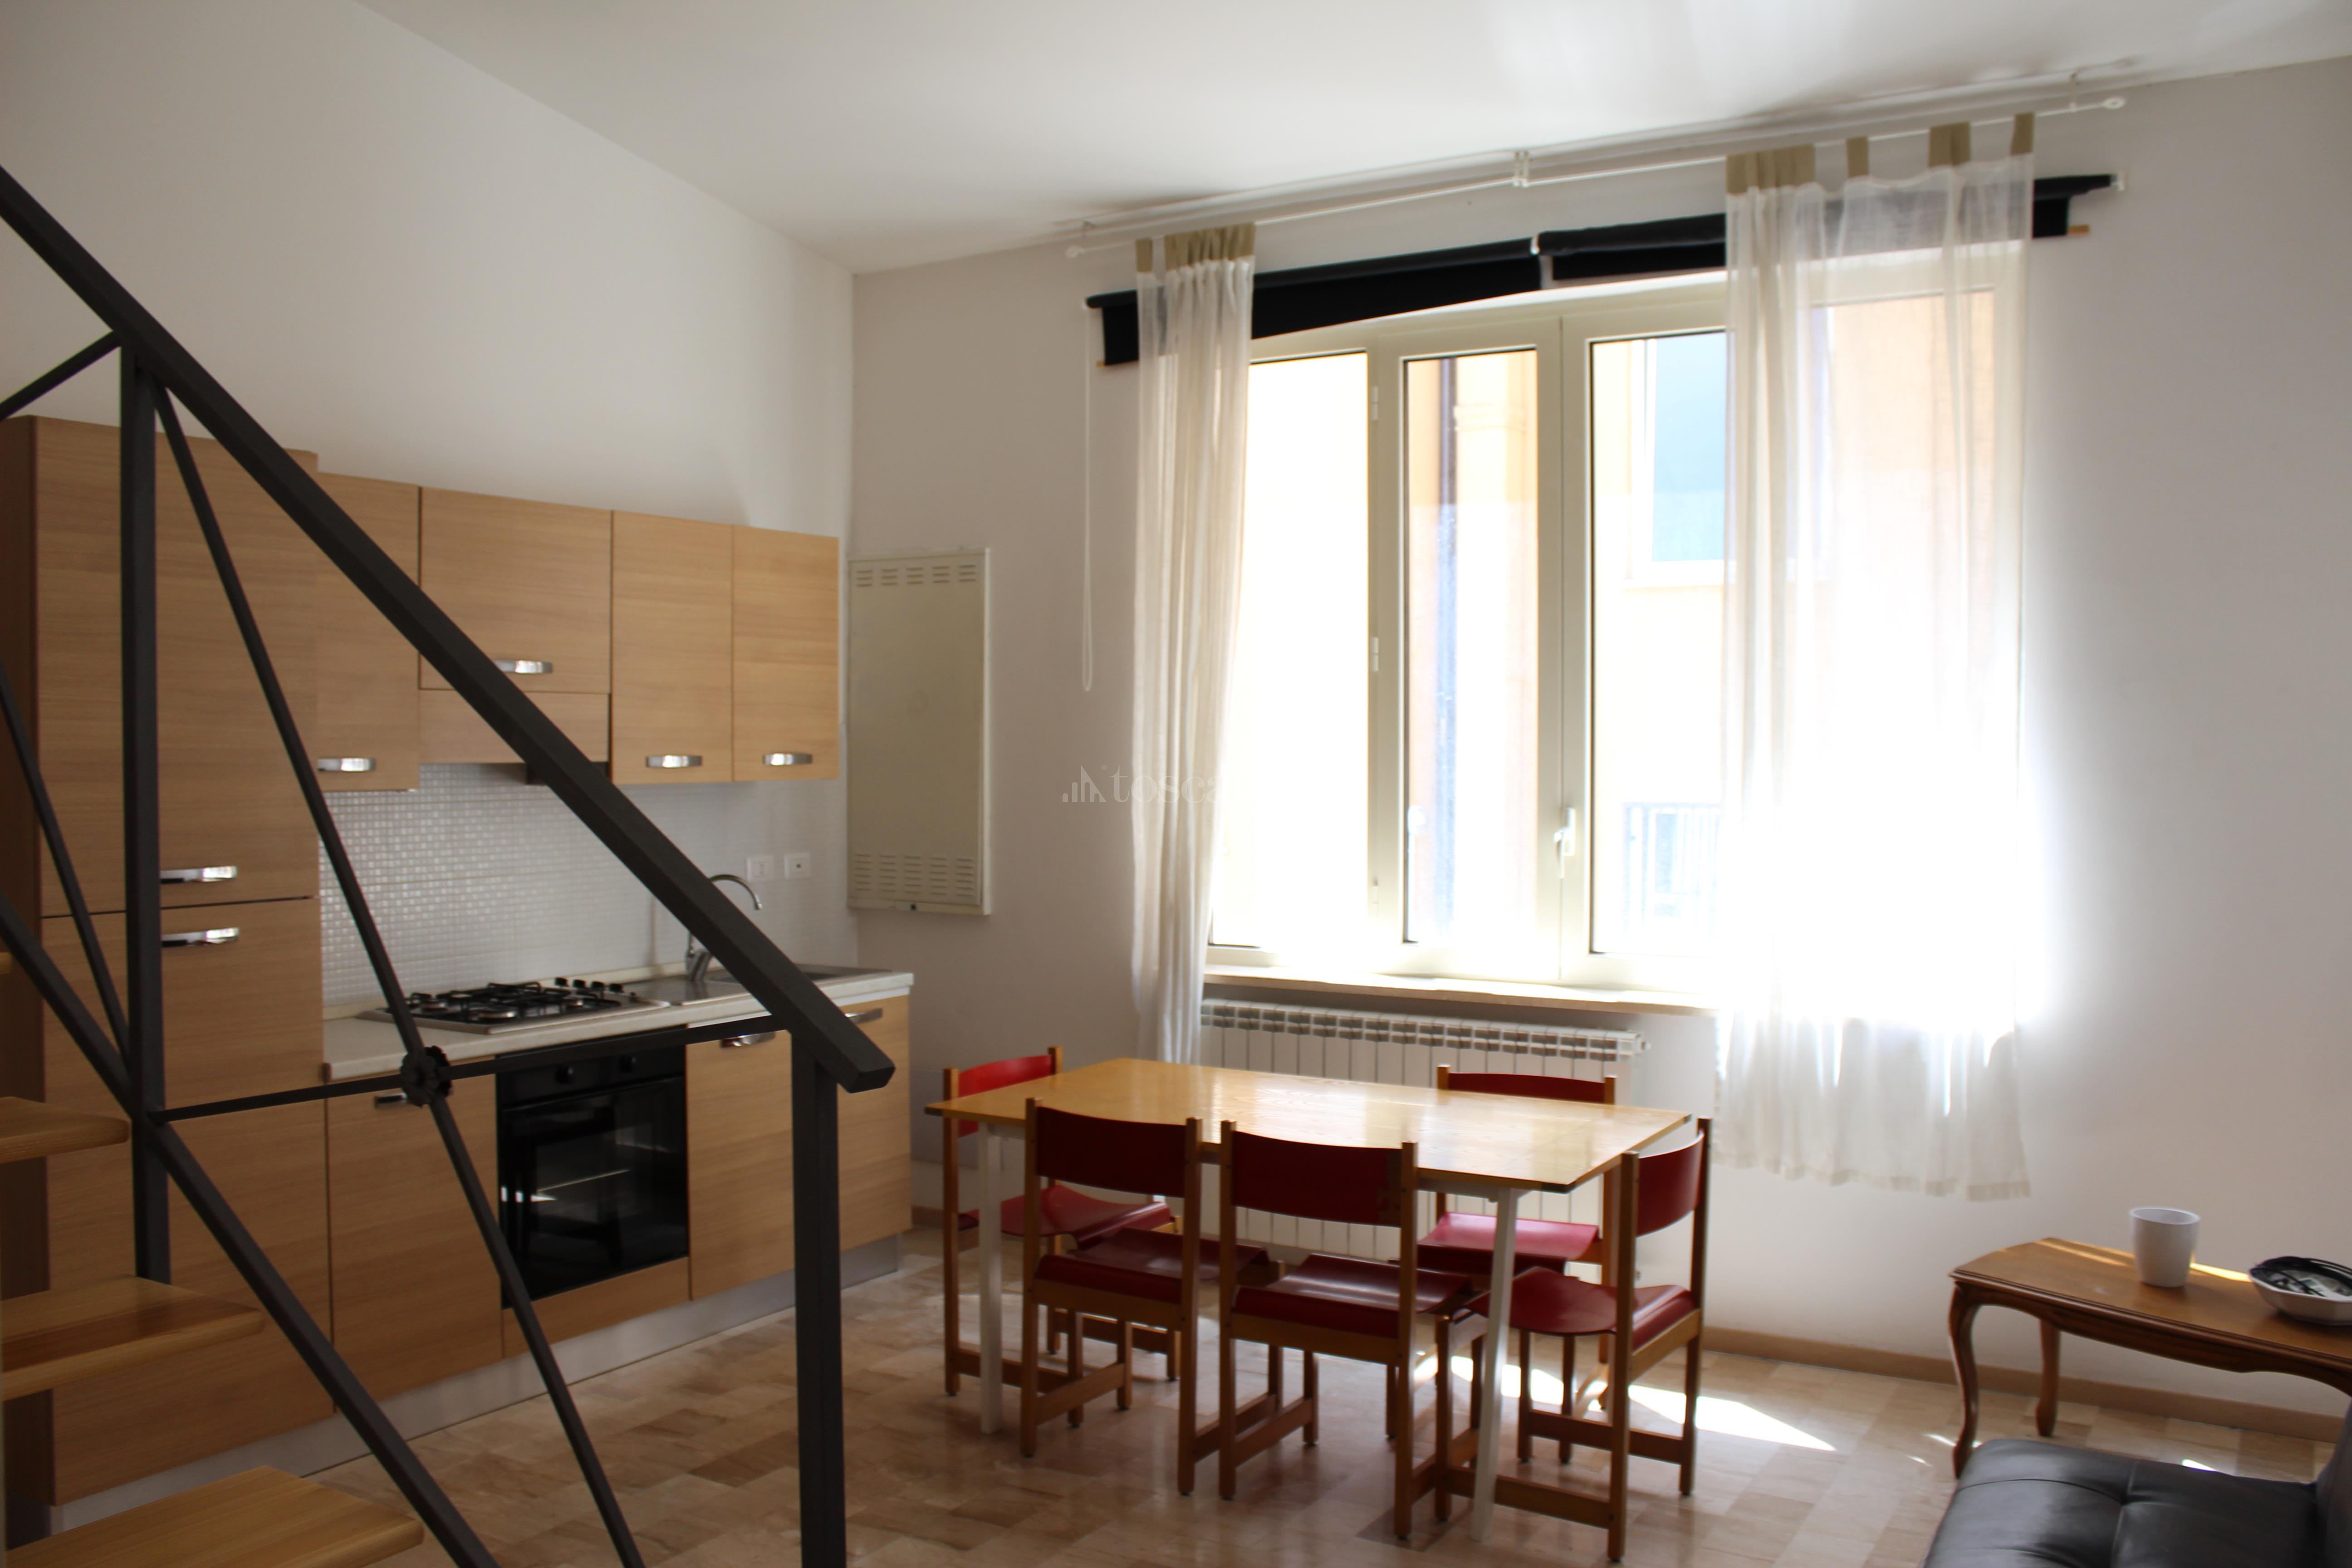 Vendita Casa A Cassino In Via Gioacchino Rossini 69